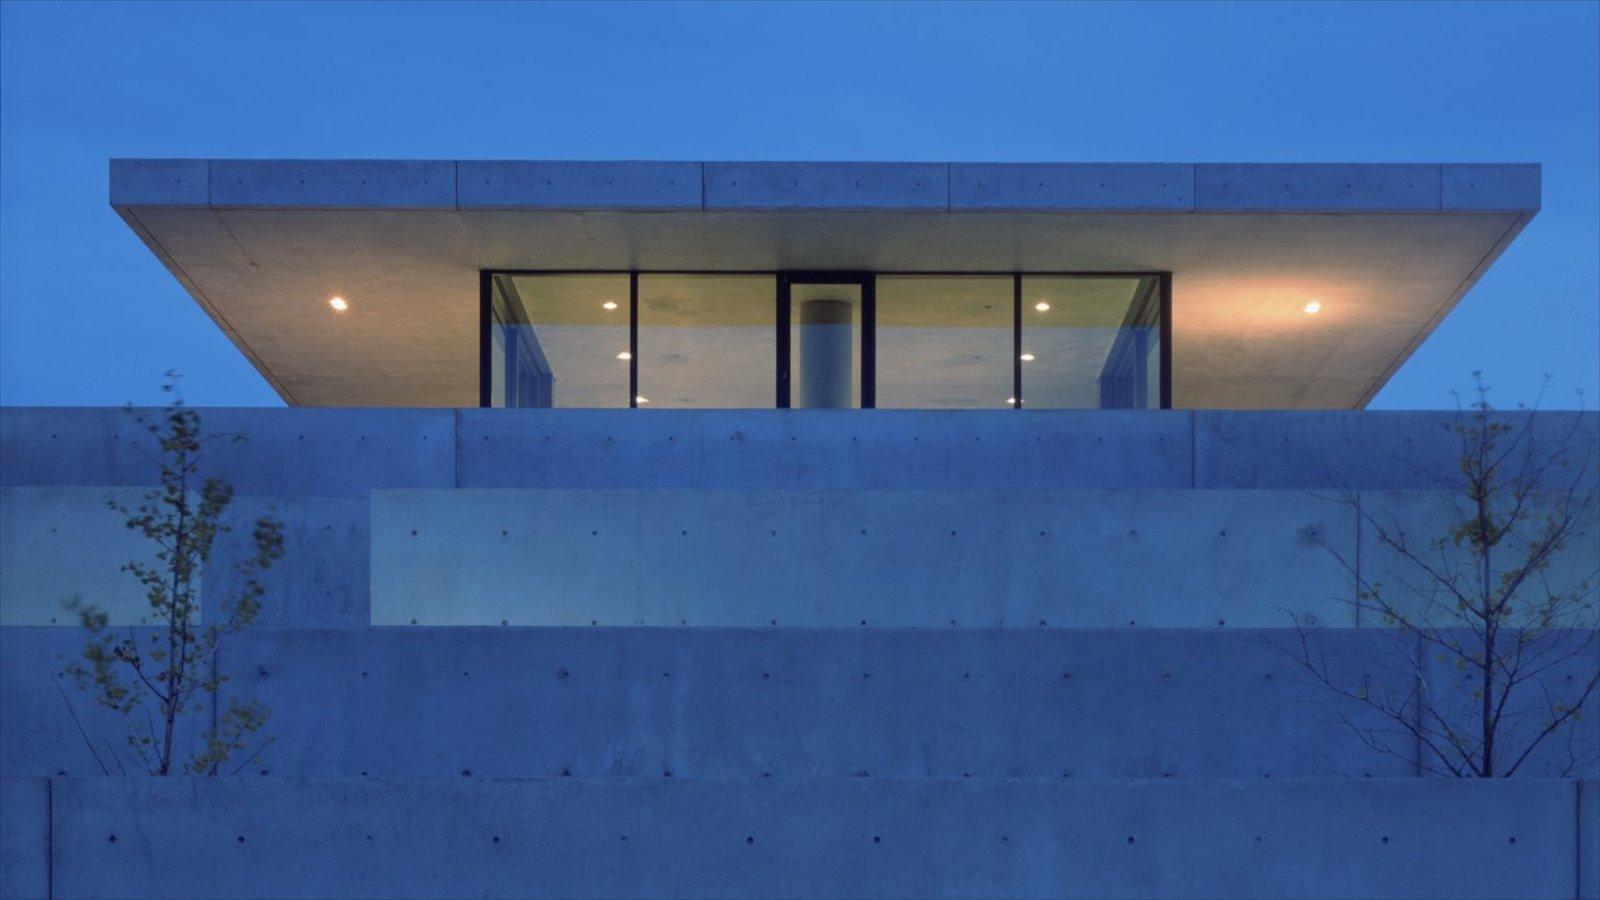 Pulitzer Foundation for the Arts mostrando arte, arquitetura moderna e cenas noturnas